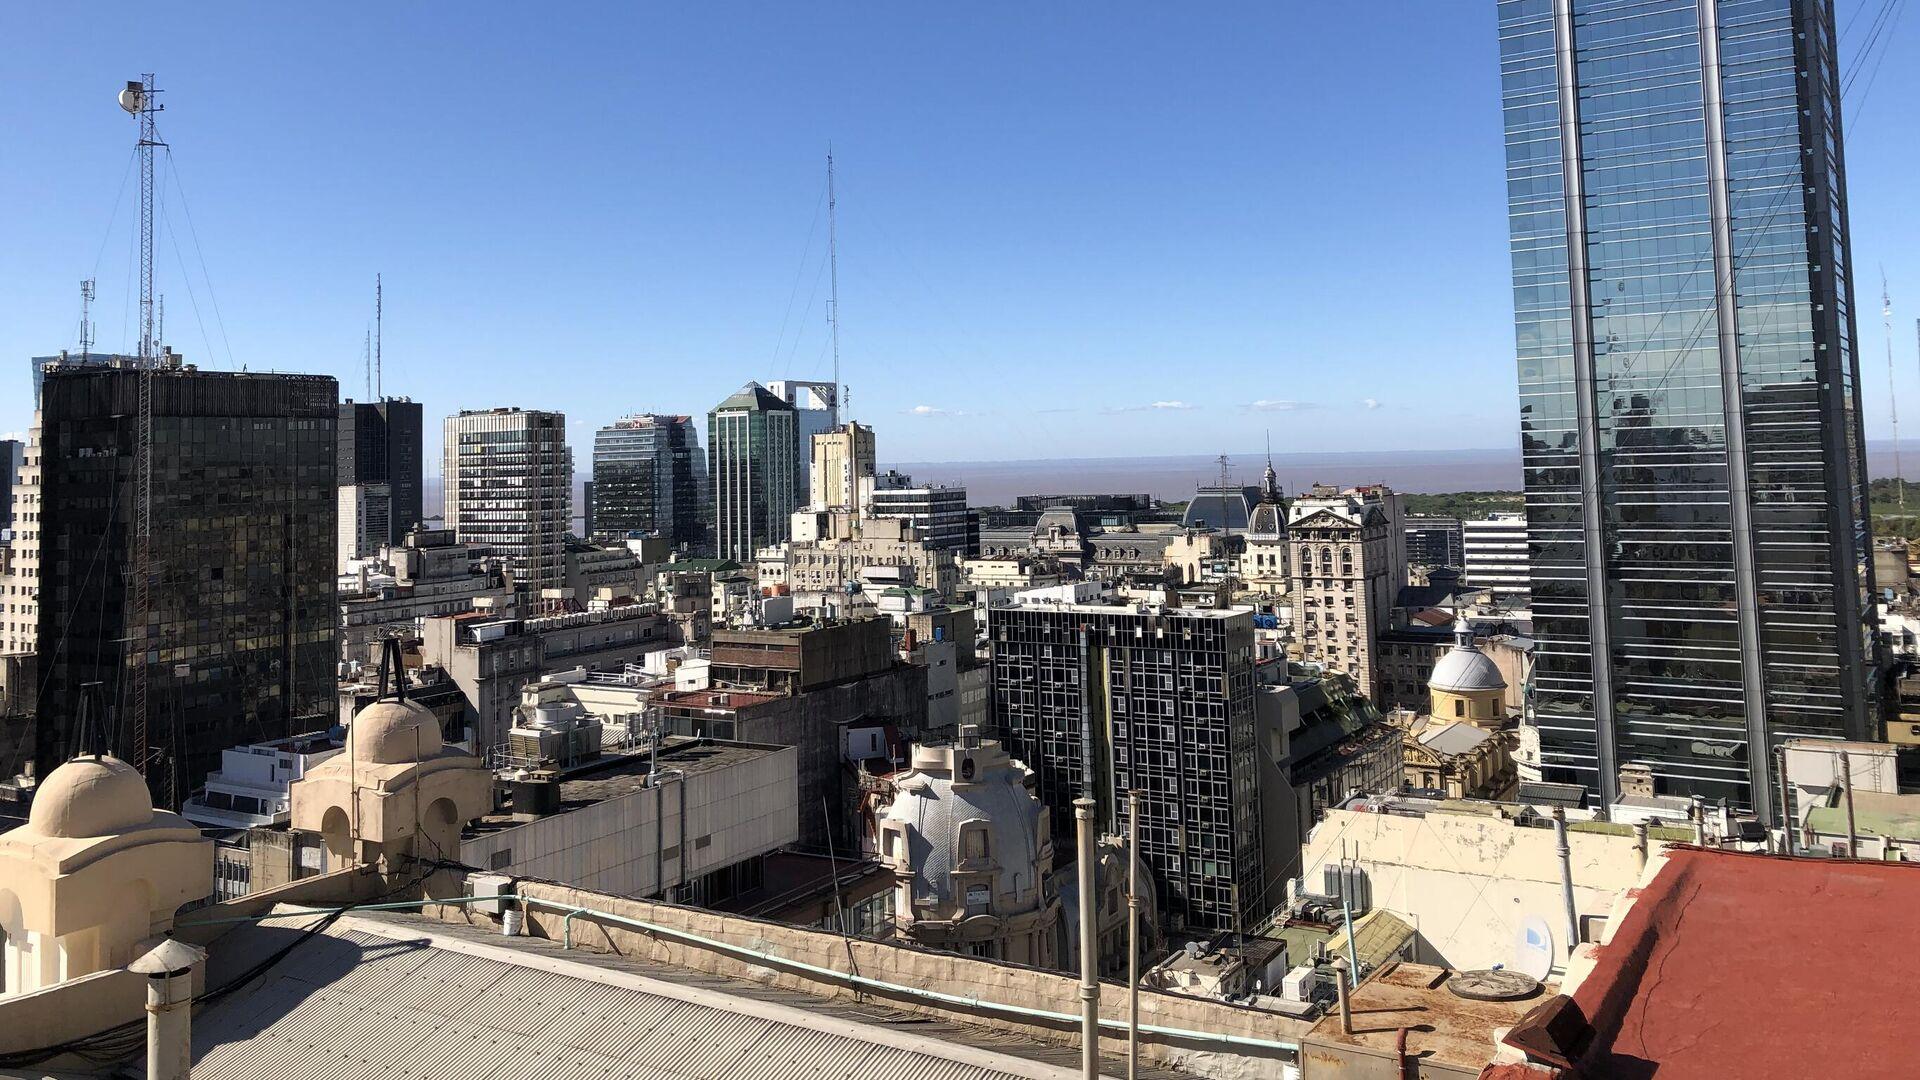 En el casco histórico, se concentran los edificios públicos y corporativos de 'la city' porteña - Sputnik Mundo, 1920, 16.07.2021